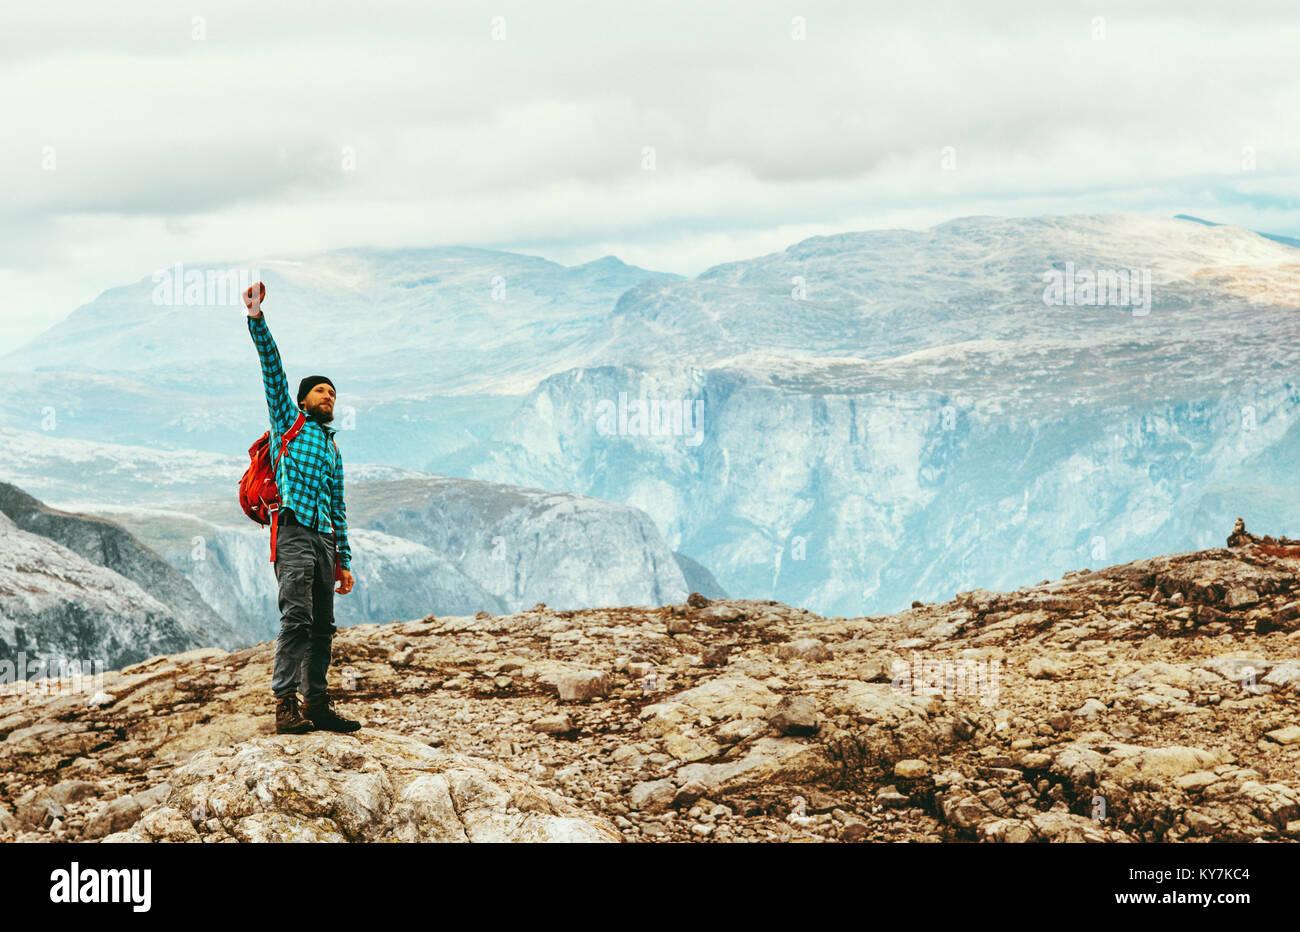 Uomo felice emotiva mano sollevata stile di vita viaggio avventura concetto vacanze outdoor Successo e Motivazione Immagini Stock